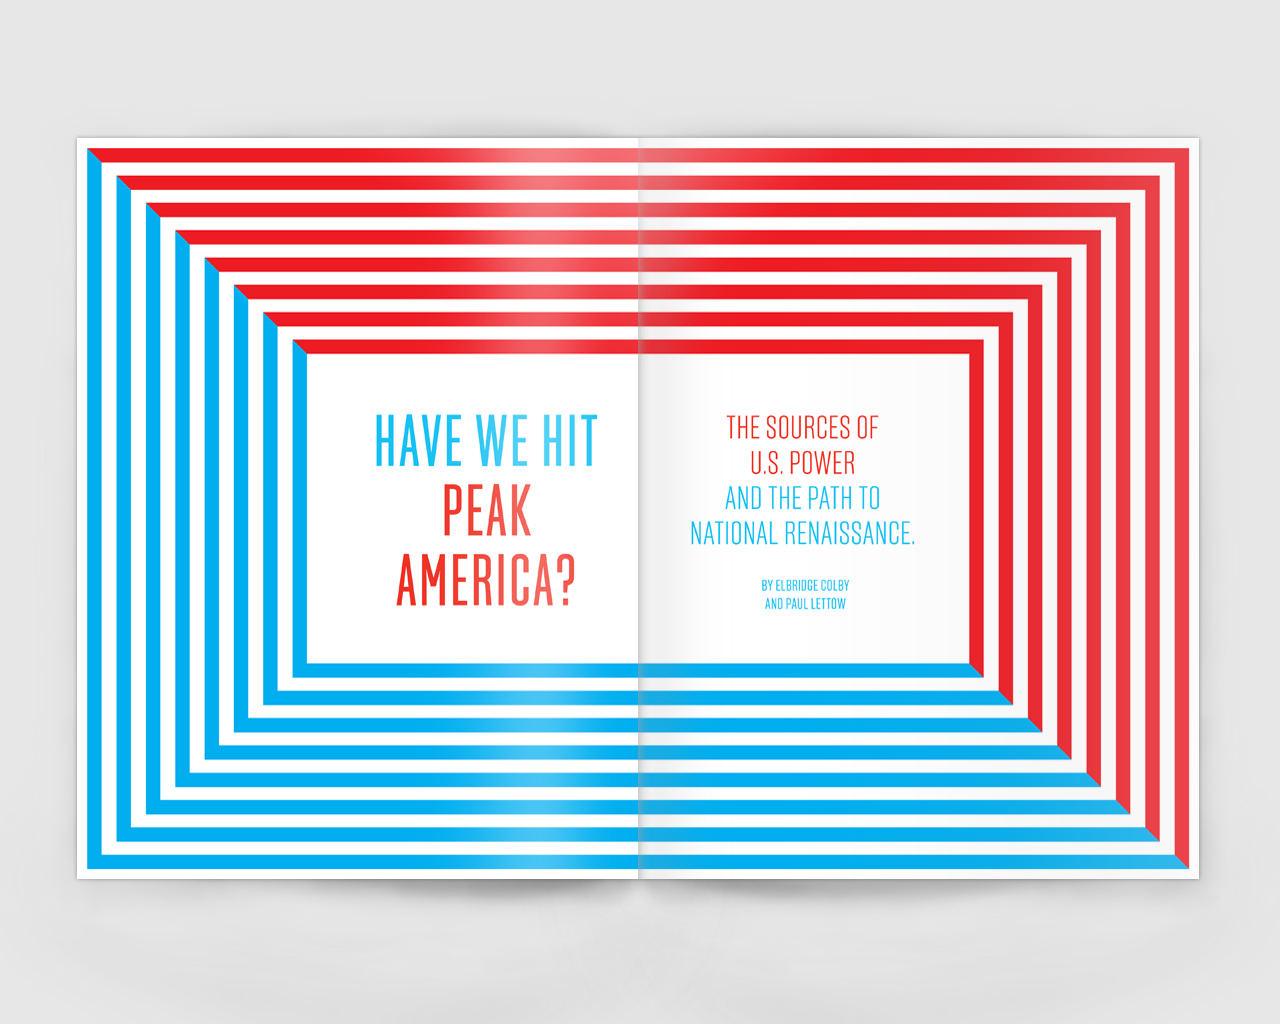 FP_Feat_PeakAmerica.jpg